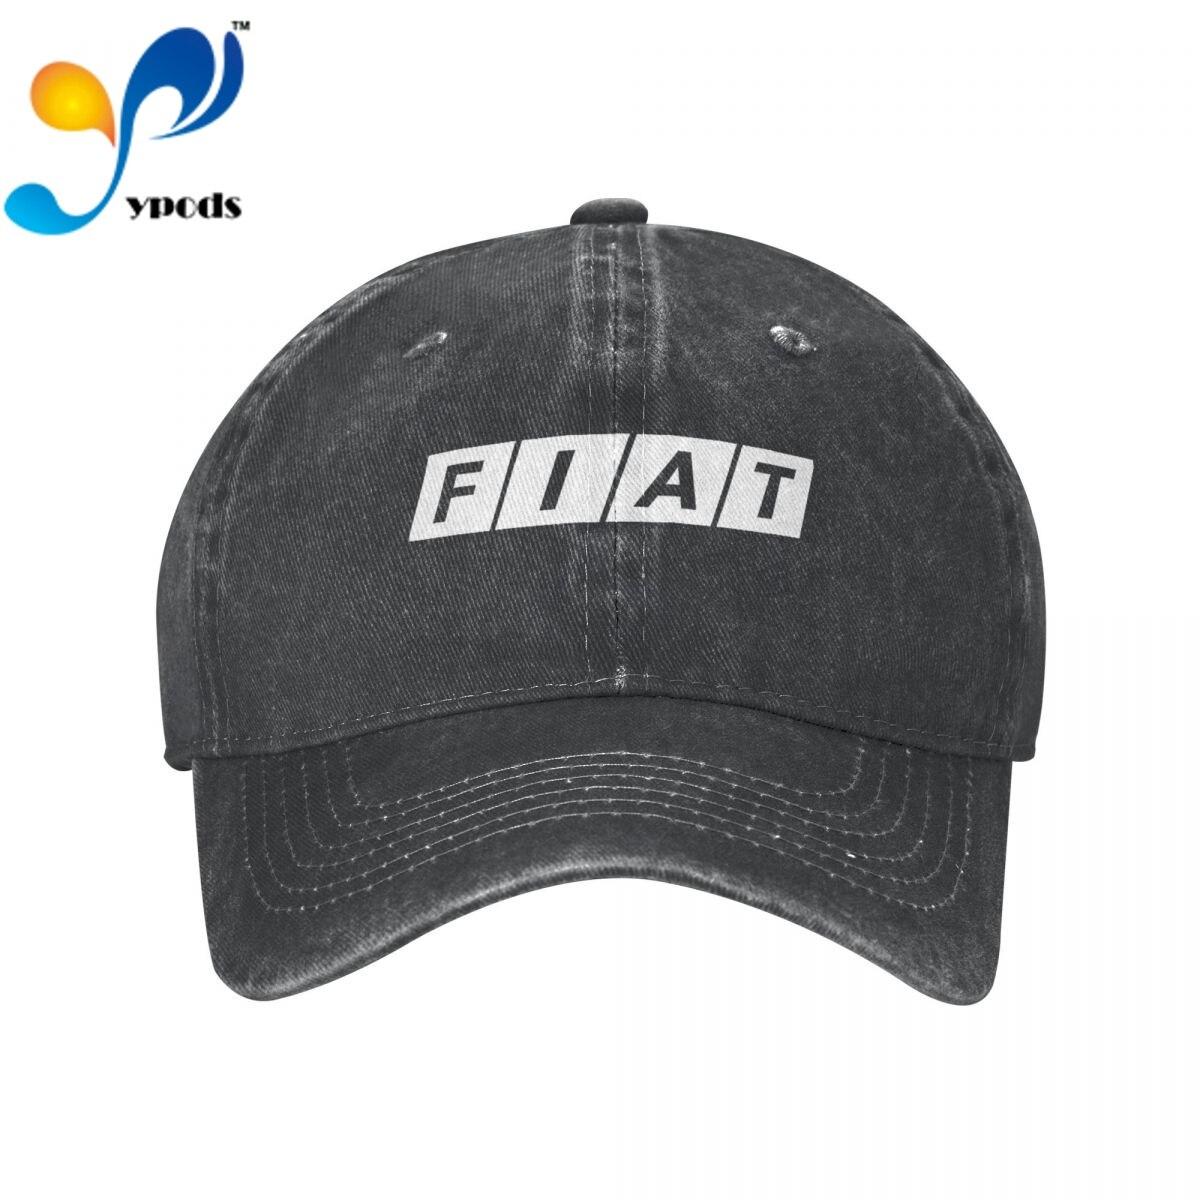 Женская джинсовая бейсболка, Снэпбэк Кепка, осенняя летняя шапка для мужчин и женщин, мужская Кепка, кепки, шапки